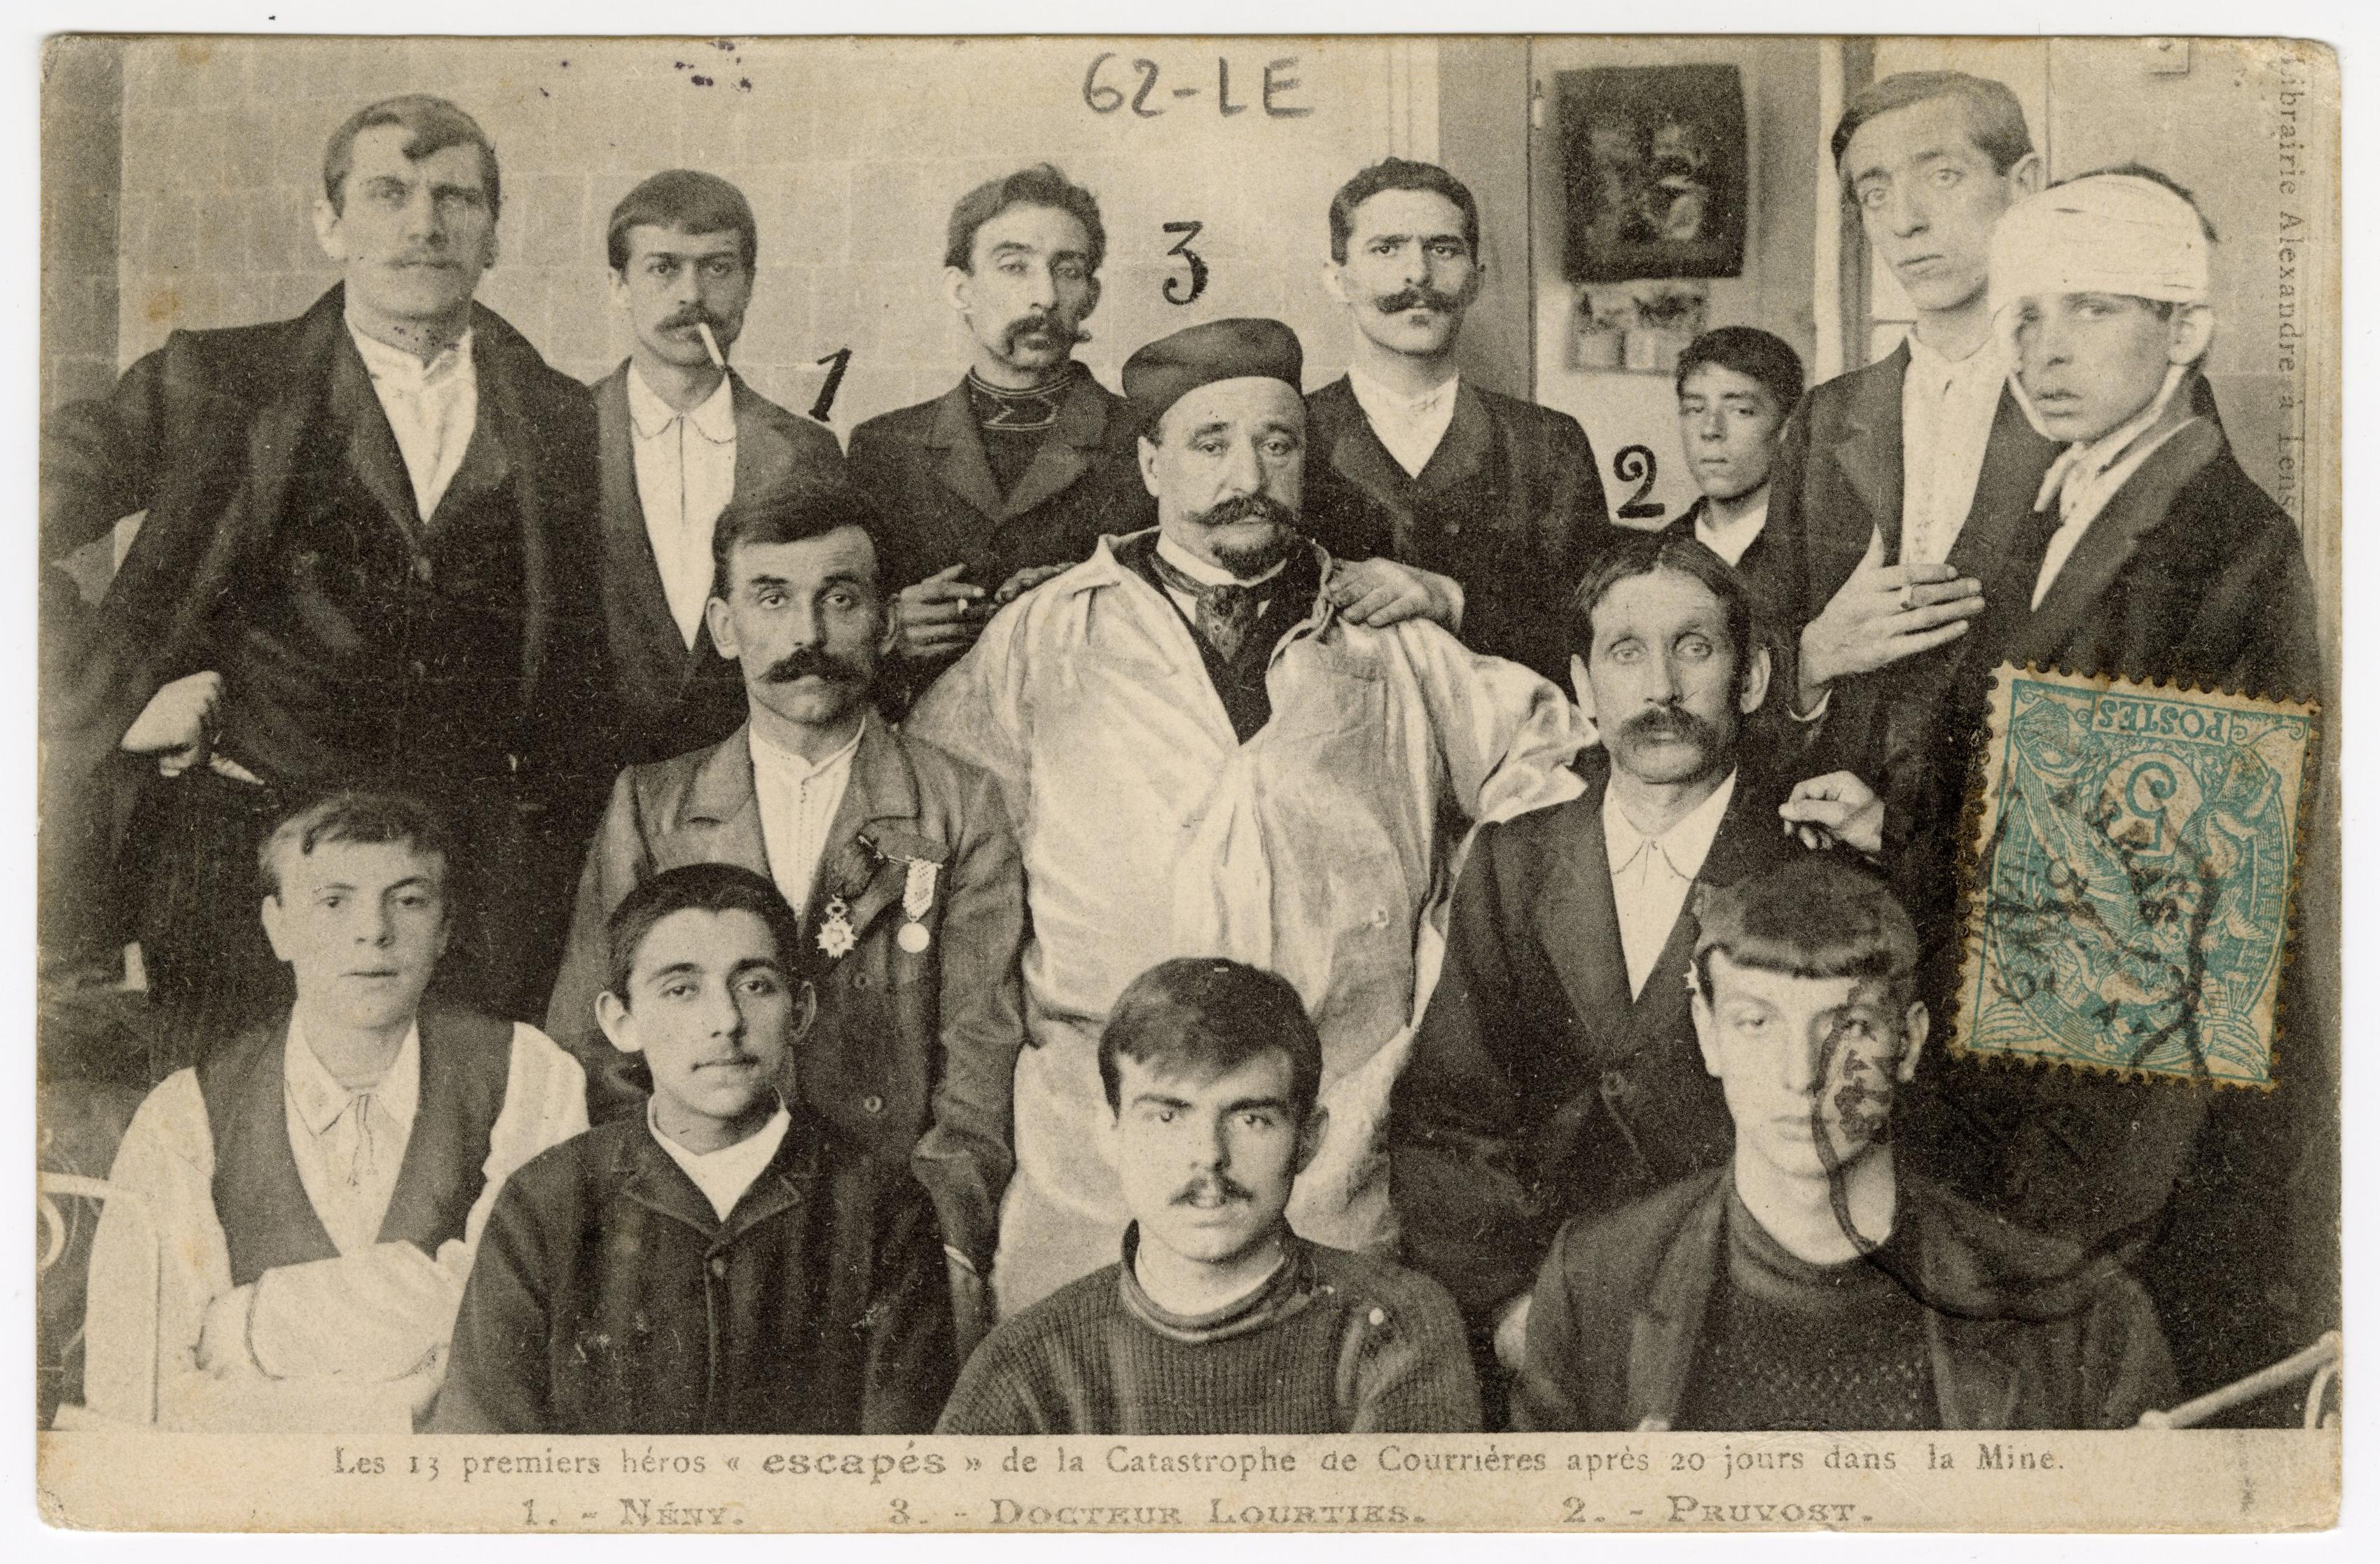 Portrait de groupe des survivants de la catastrophe de Courrières entourant leur médecin.